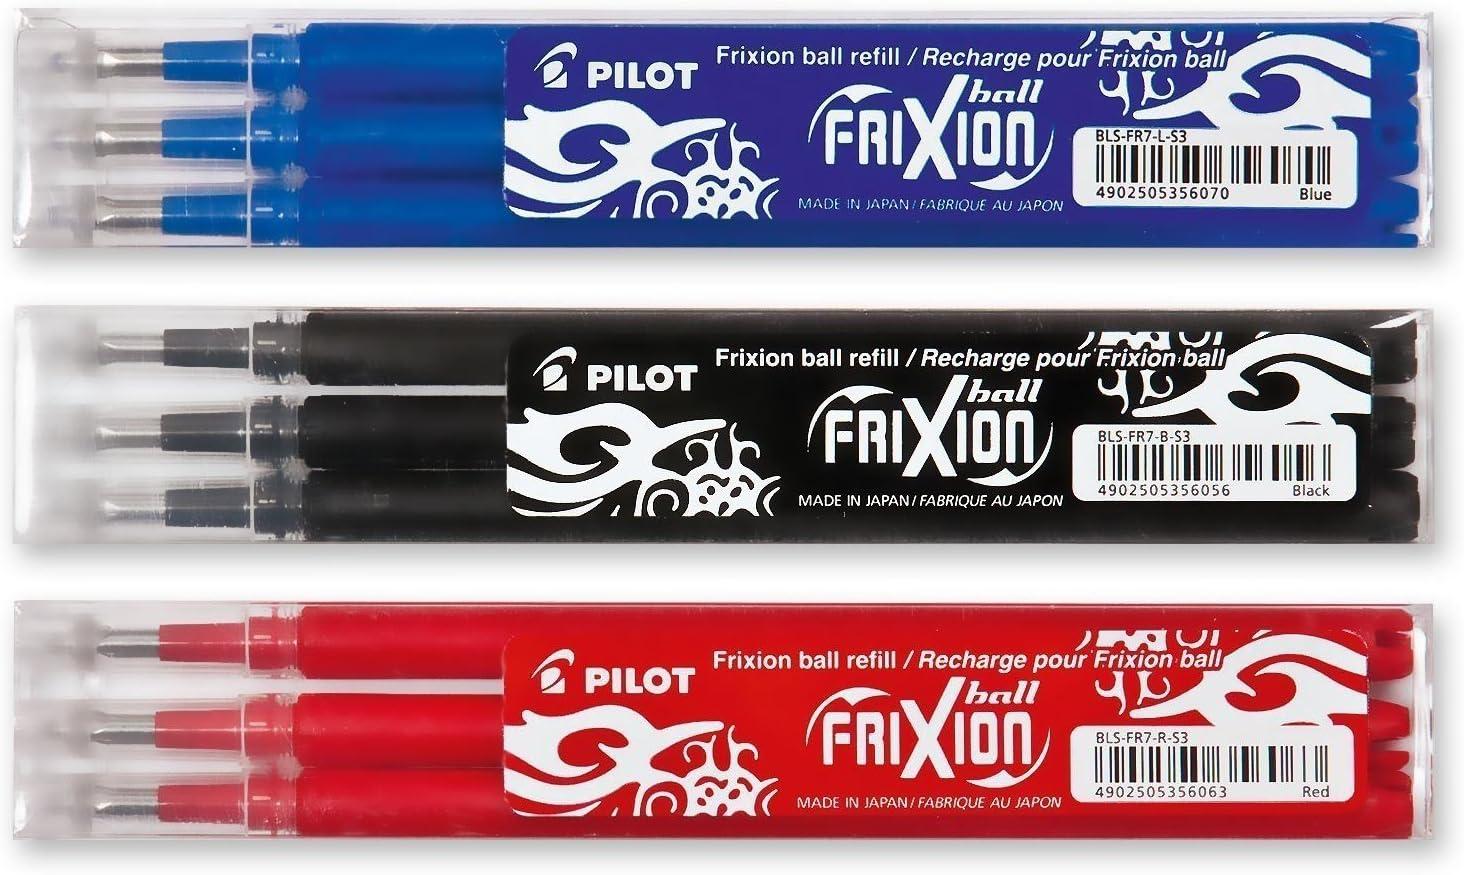 Pilot Frixion – Sets de 3 bolígrafos roller de tinta en los colores azul, rojo, negro, 3 x 3 unidades (total 9 unidades)